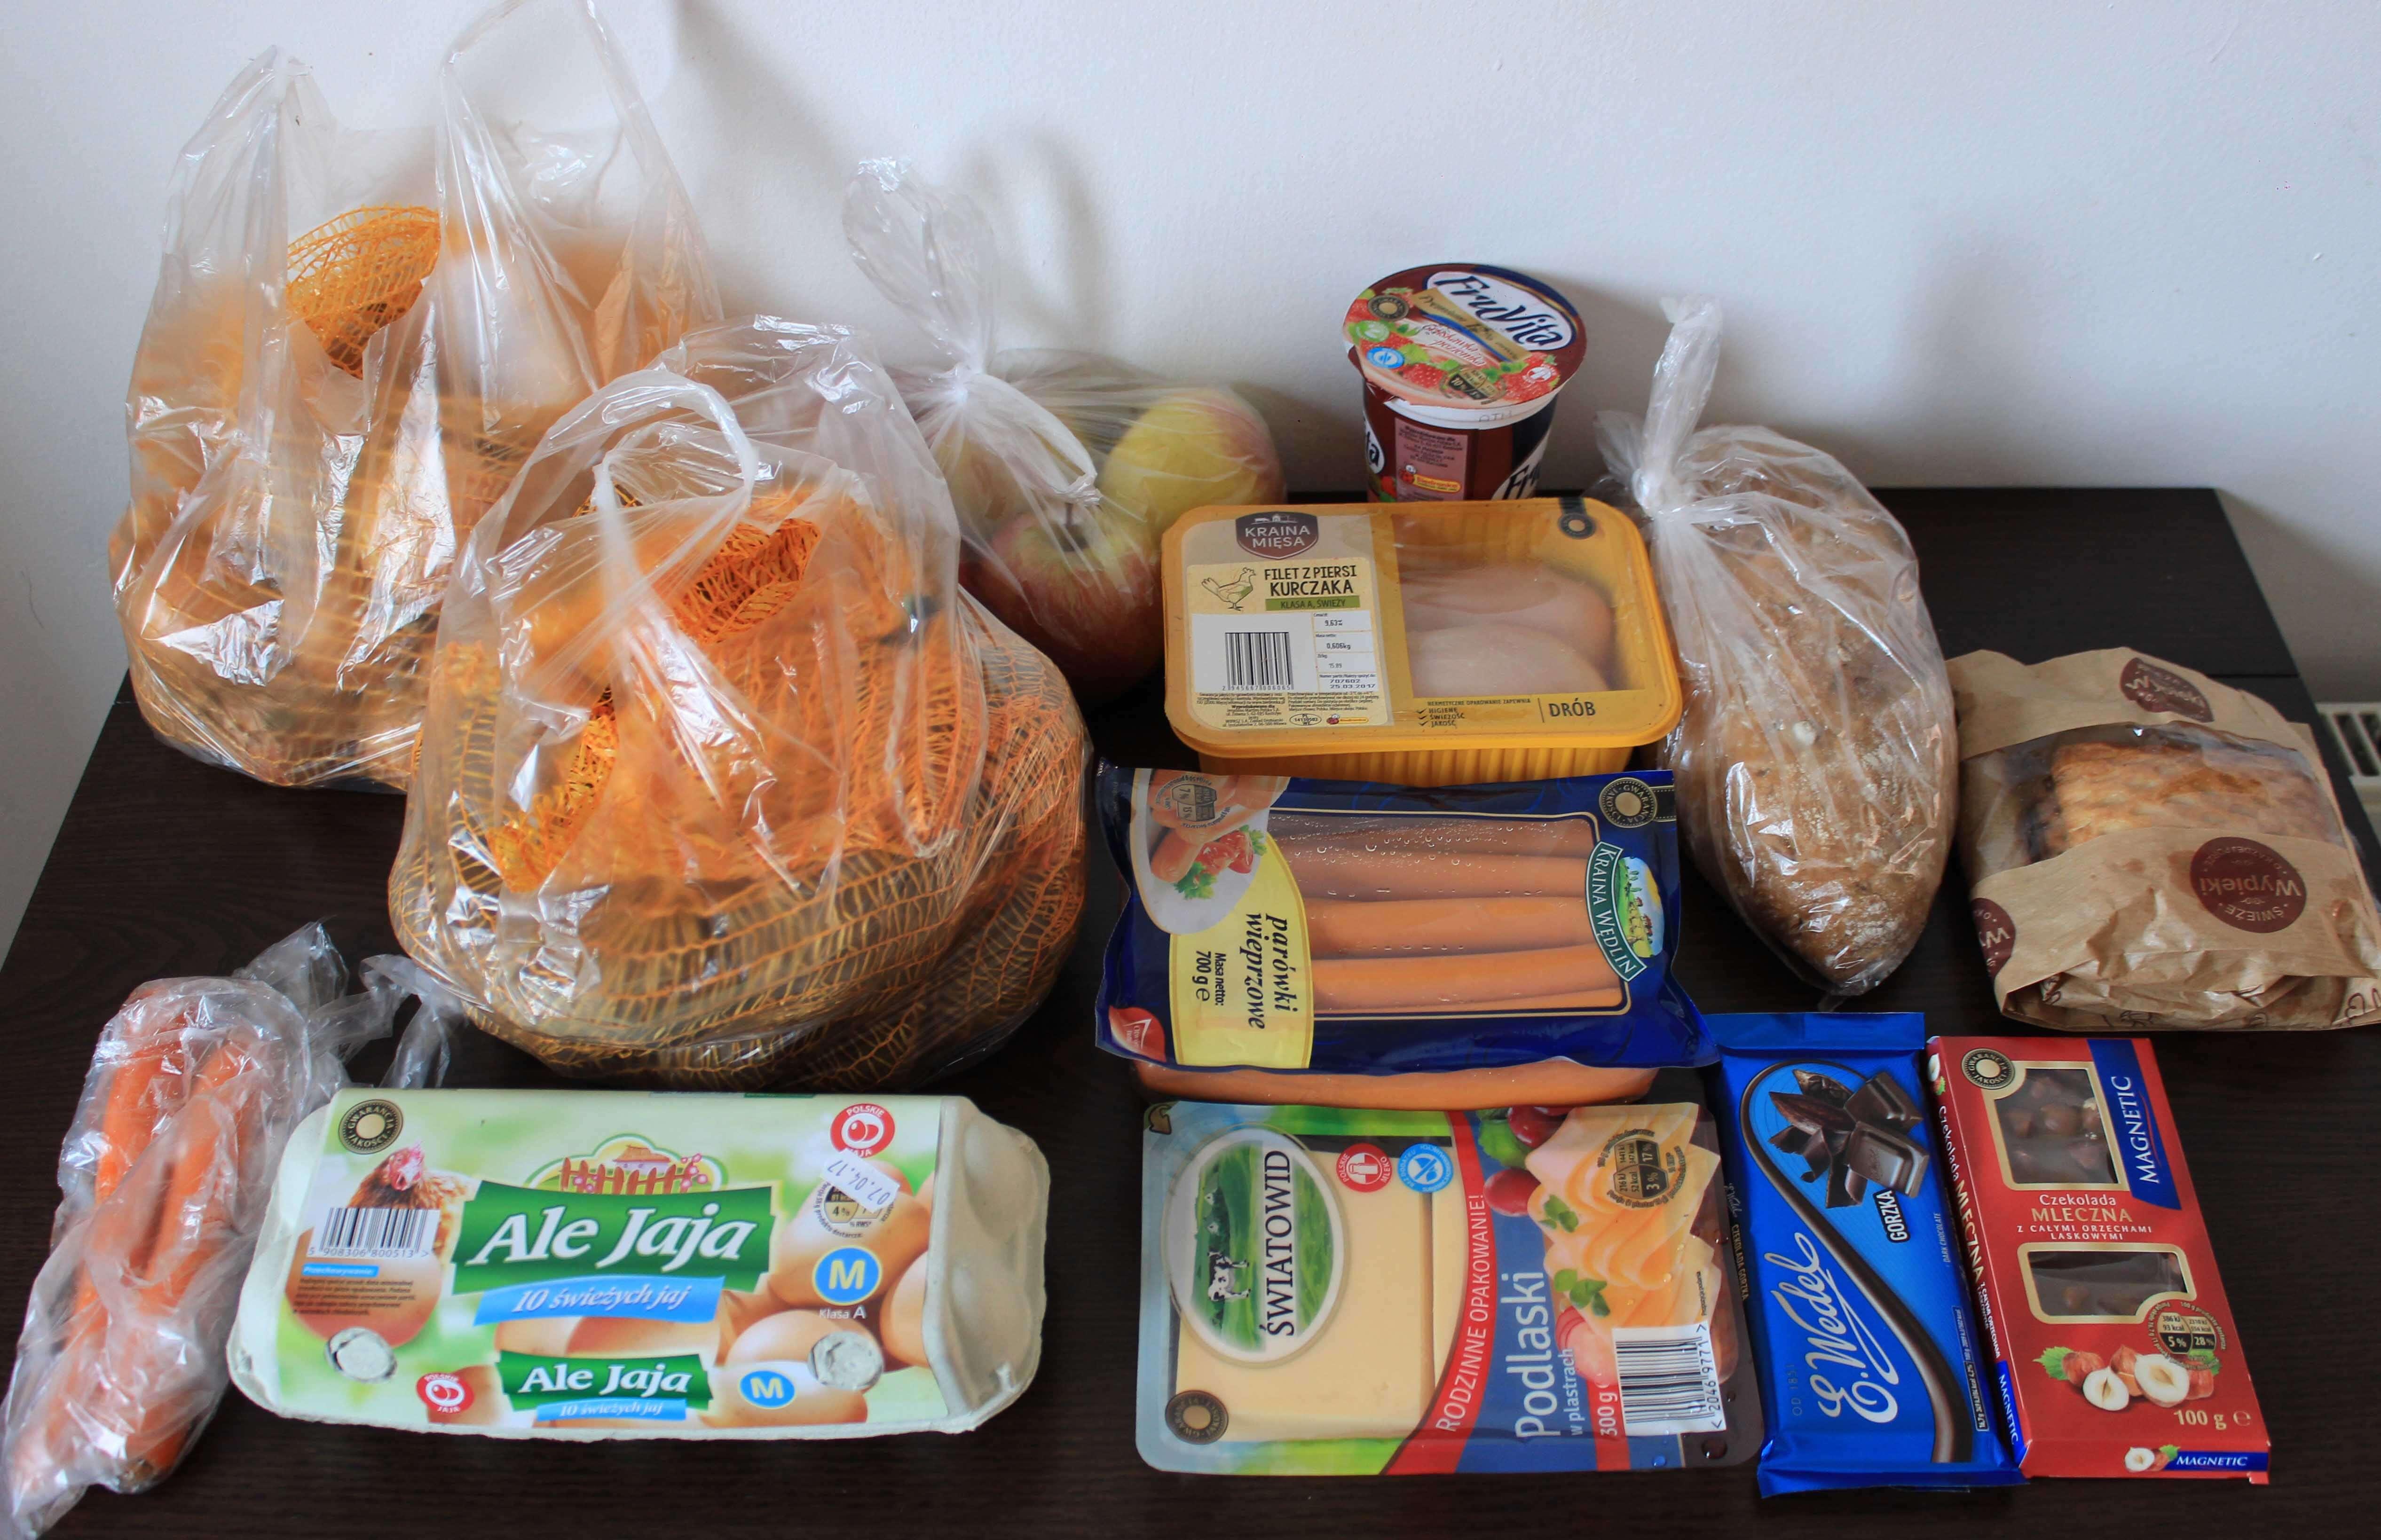 Сколько стоят продукты в Польше